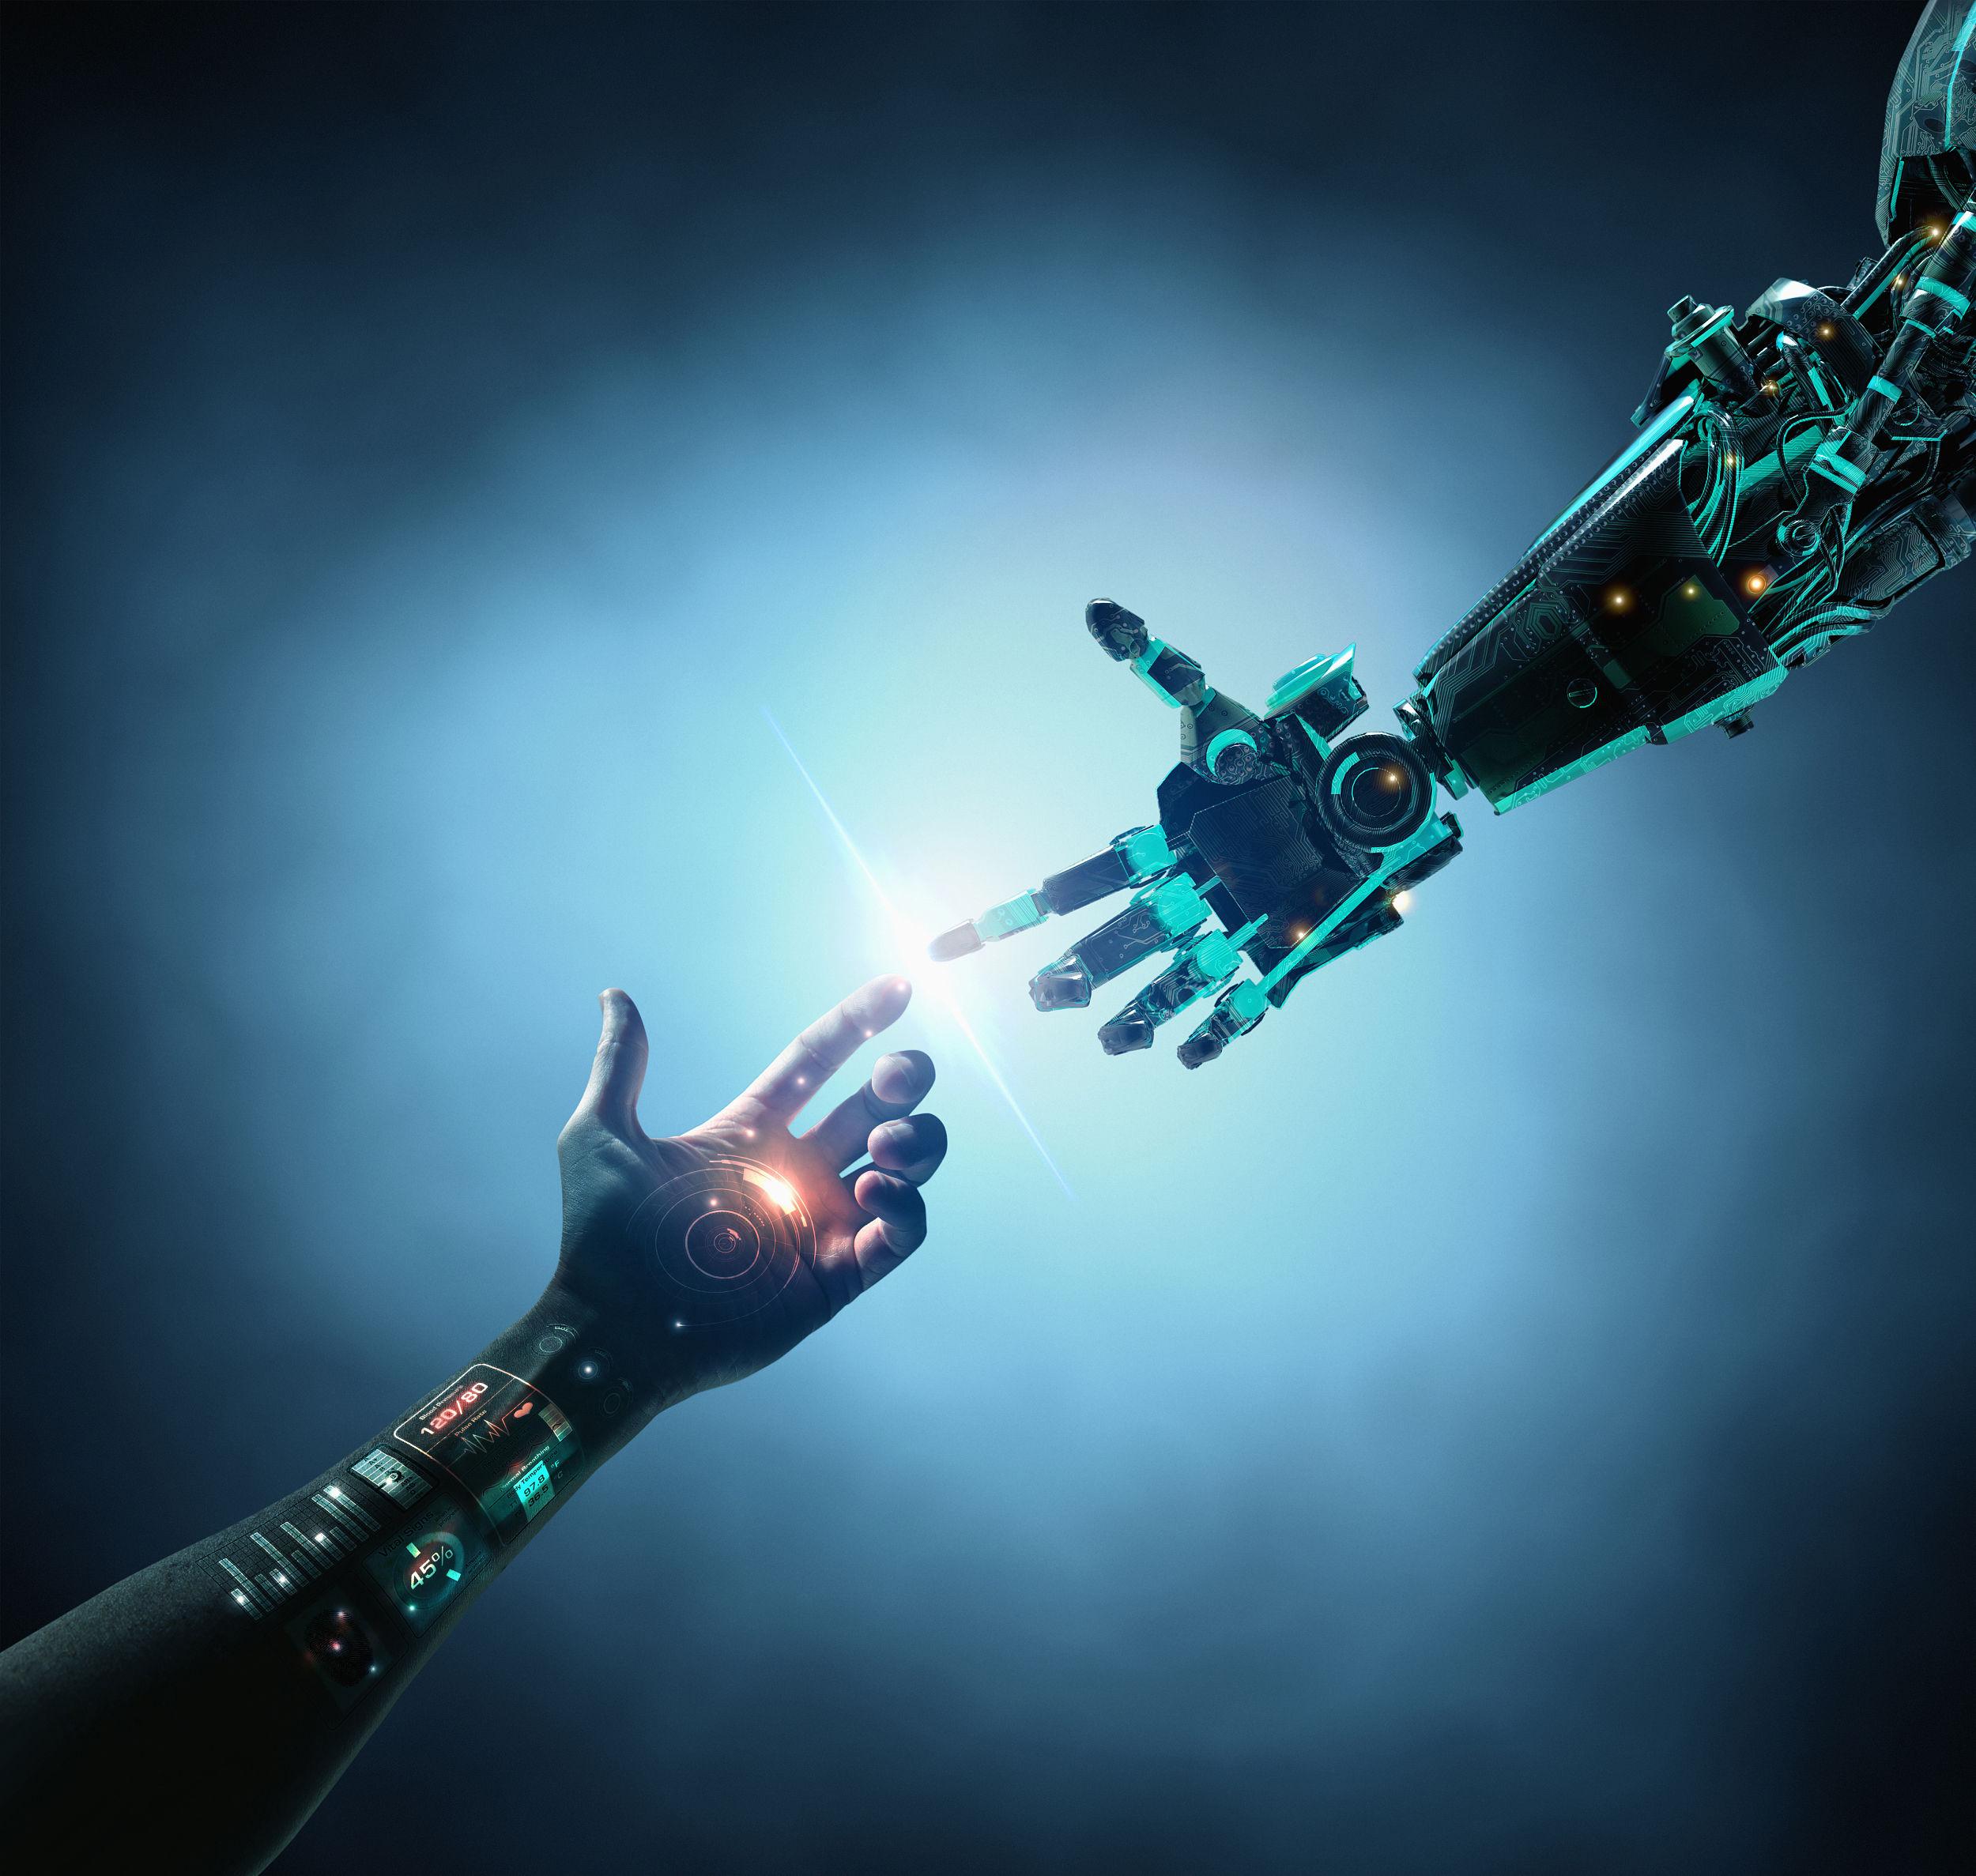 人工智能中美竞赛:中国强在数据和应用,计算能力也在迎头赶上